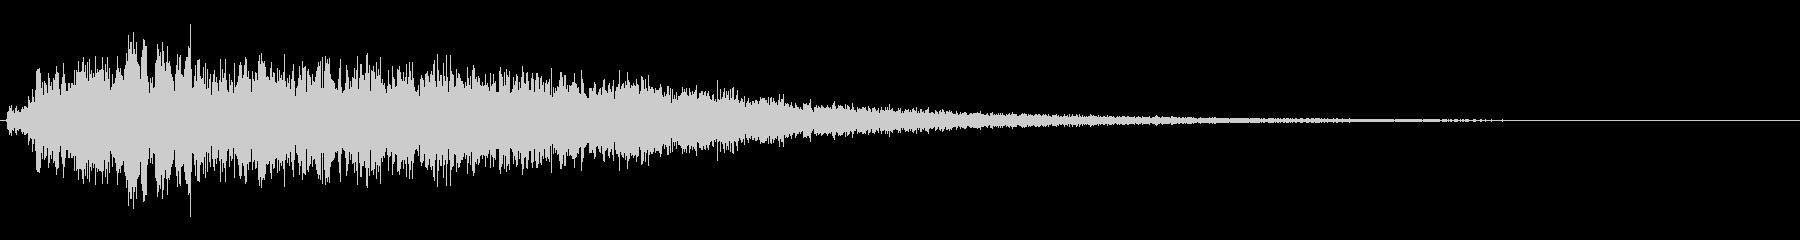 シュワワン(回転音系)の未再生の波形